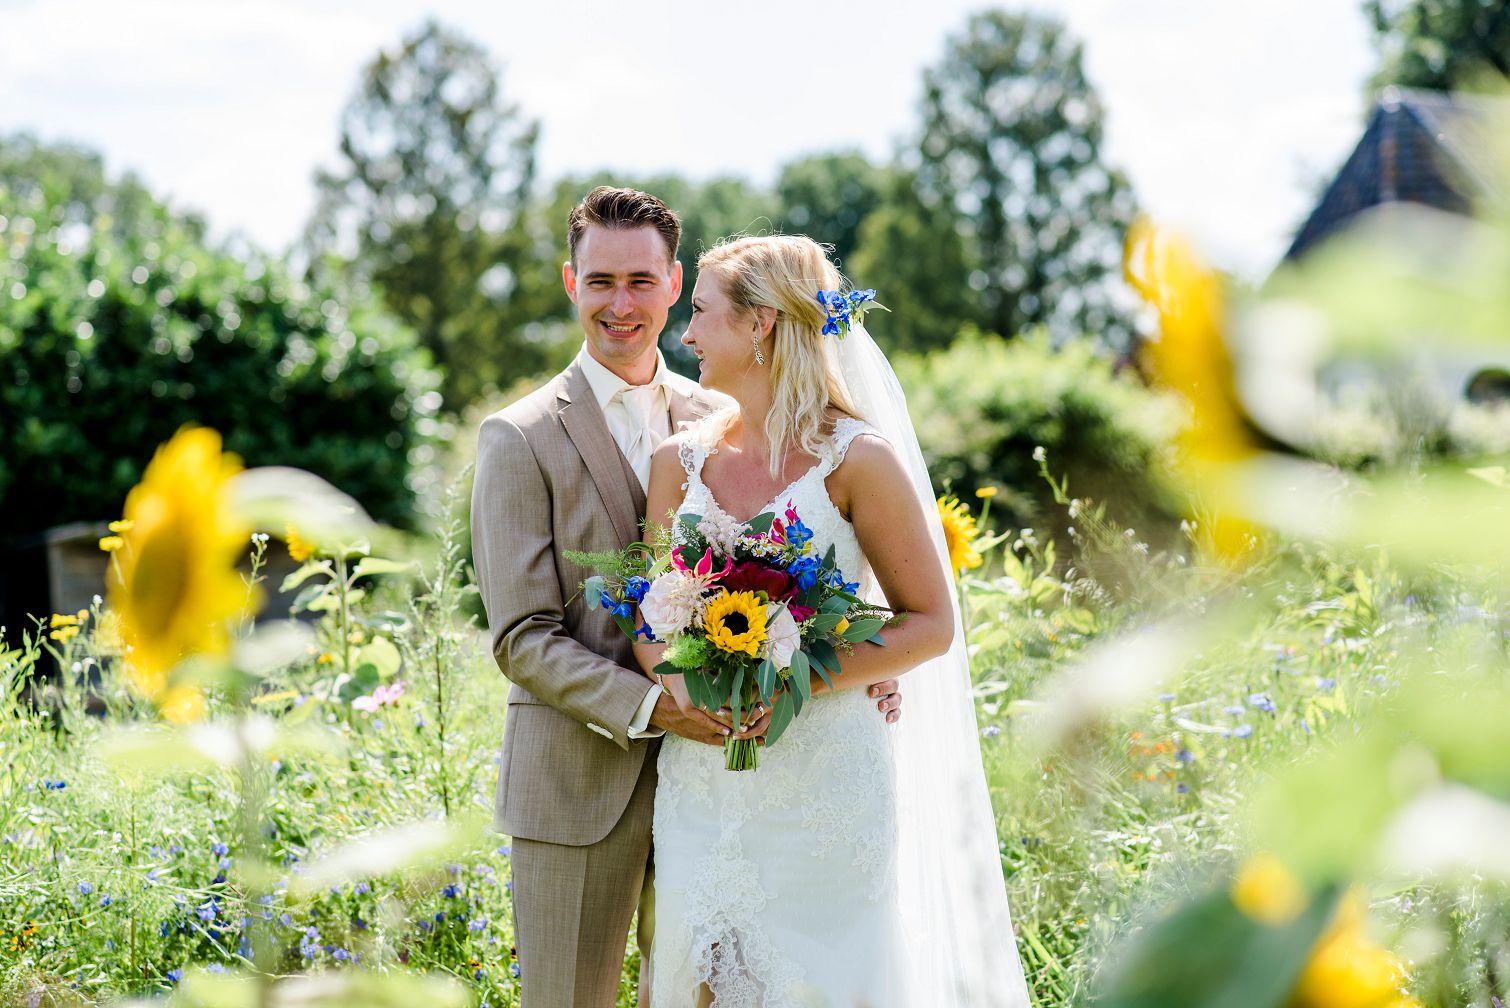 bruiloft-gasselte-de-kruimel-strand-standhuwelijk-bruidsboeket-veldboeket-aankleding-bloemist-taart-nakedcake-live-painter-zonnebloemen-veldbloemen